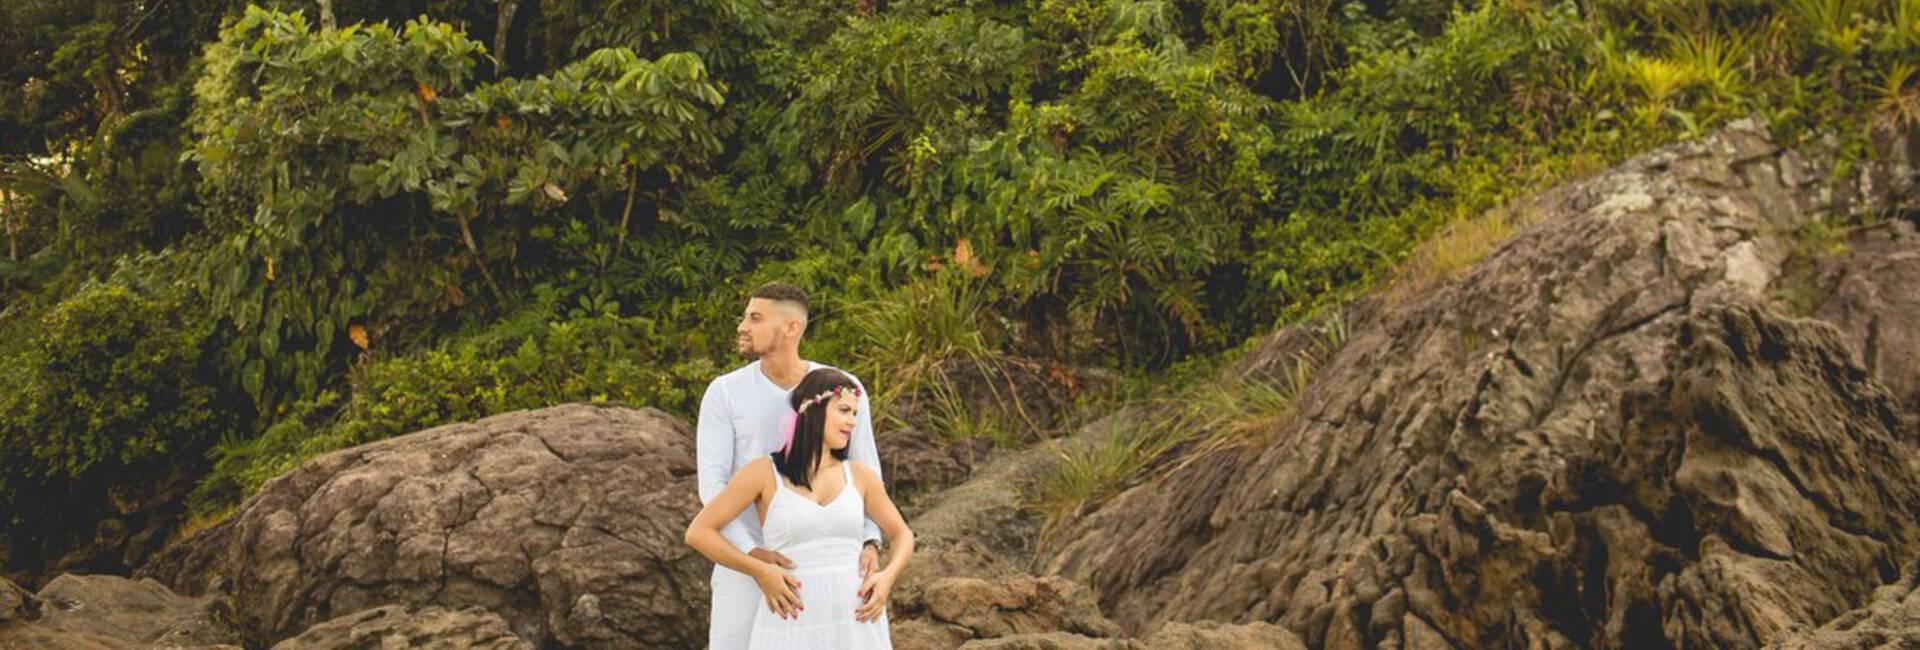 Ensaio Pré Casamento de Cris e Clayton